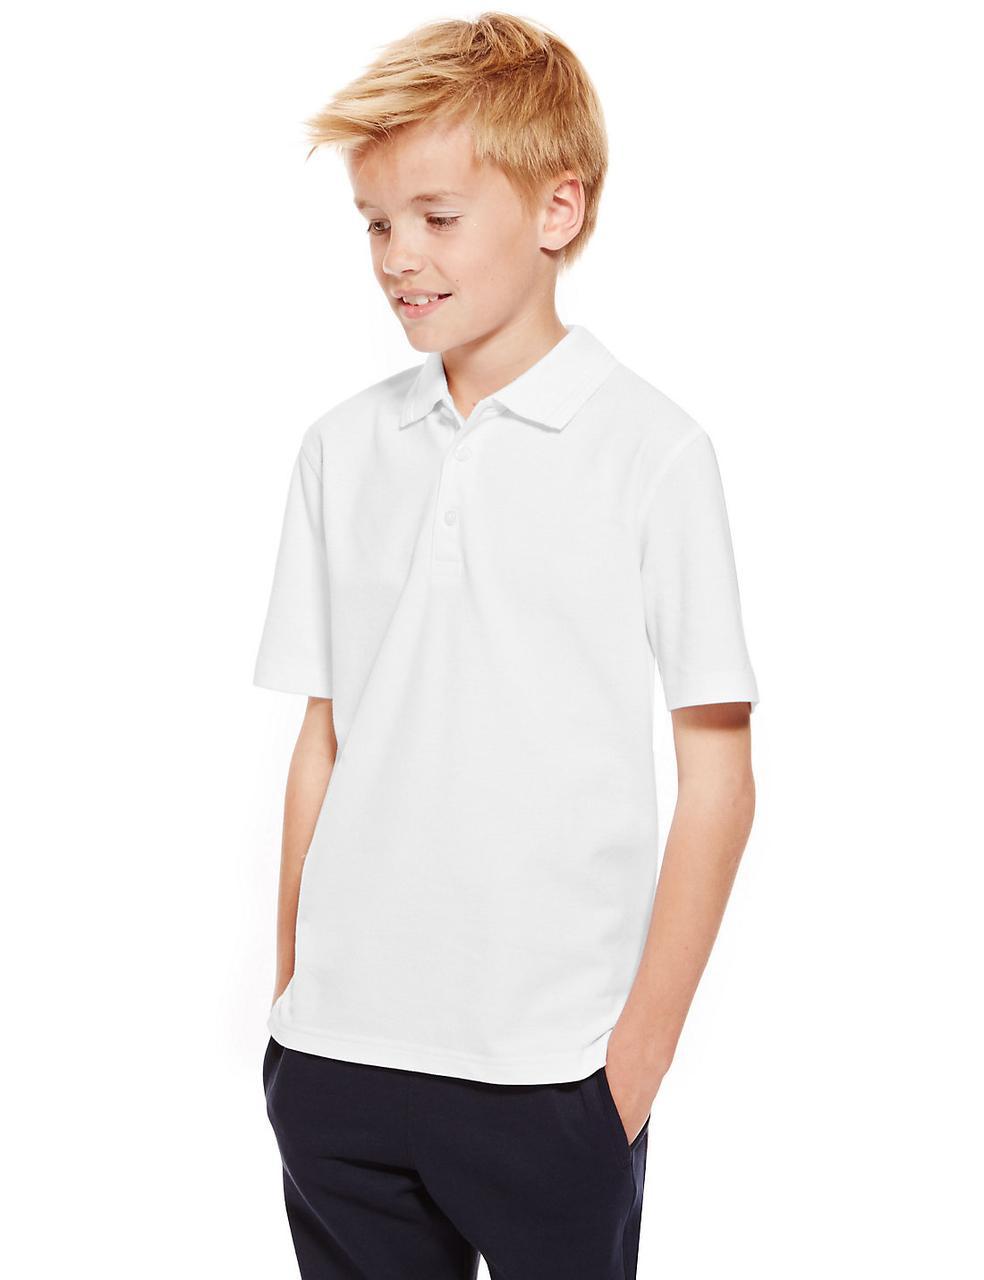 Школьные рубашки-поло Slim Fit белые с коротким рукавом на мальчиков 7-8-9-10 лет. George (Англия)